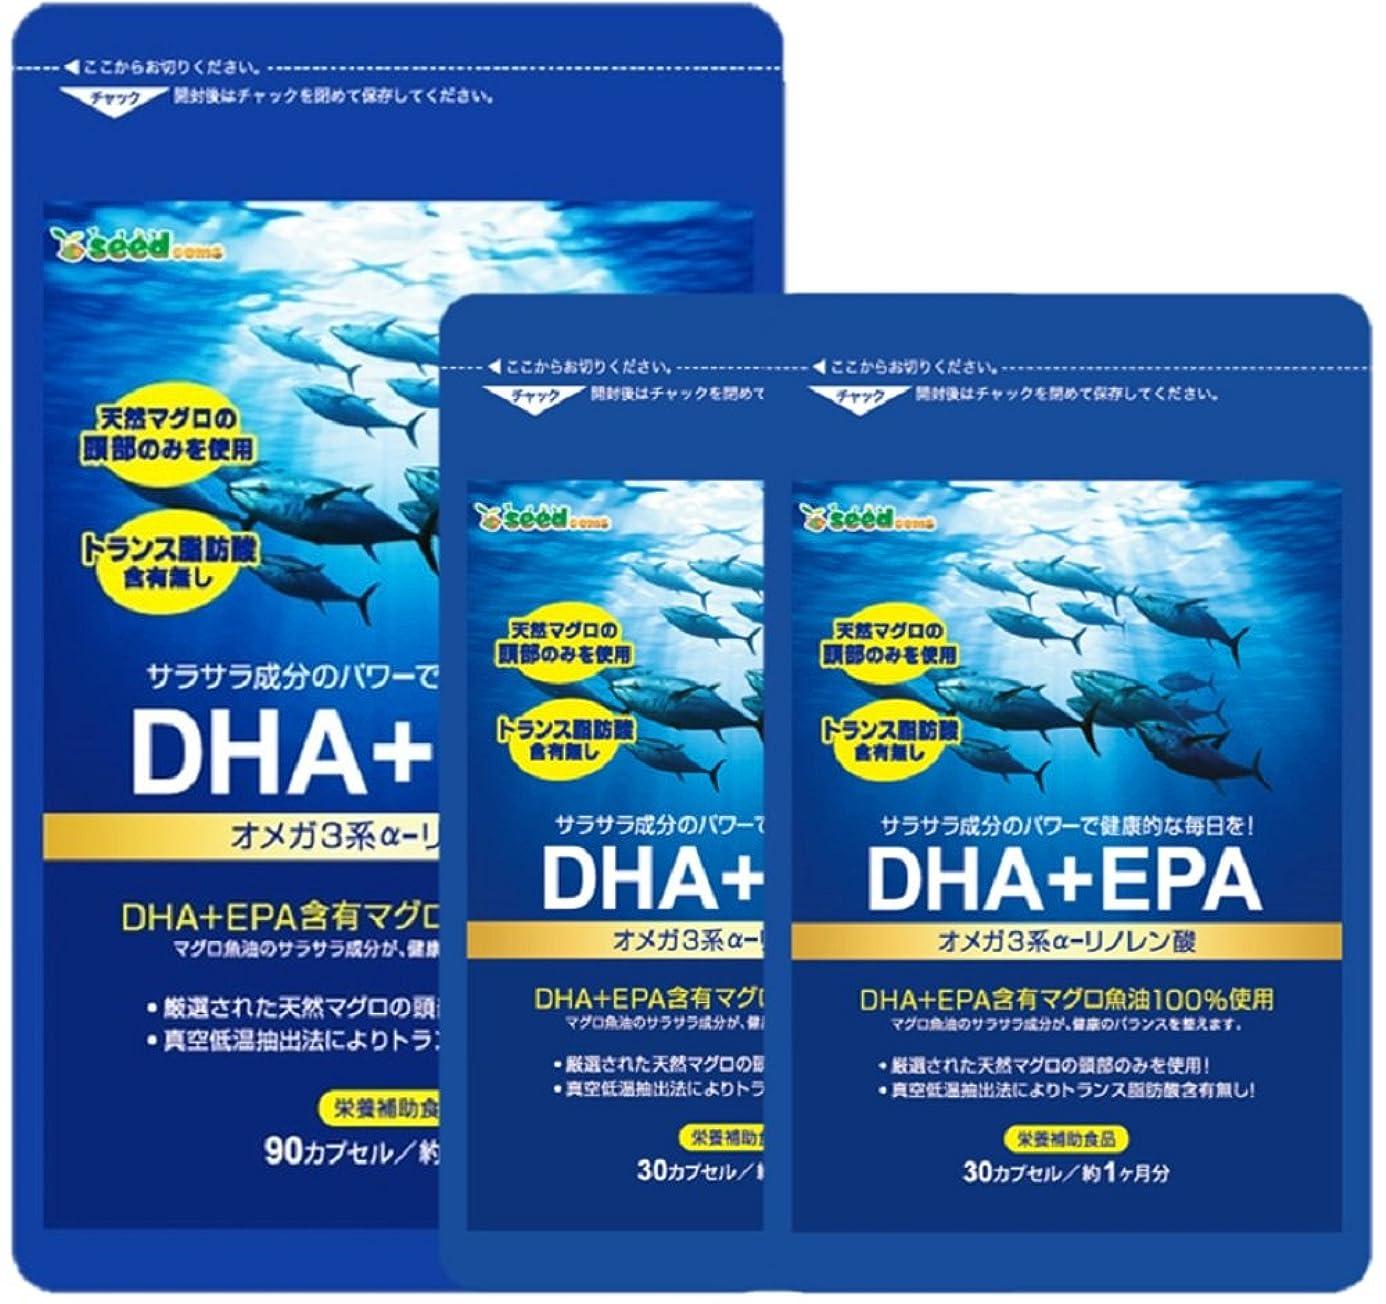 アクセント蒸留する信頼DHA + EPA 約5ヶ月分/150粒 ( オメガ系 α-リノレン酸 )トランス脂肪酸 0㎎